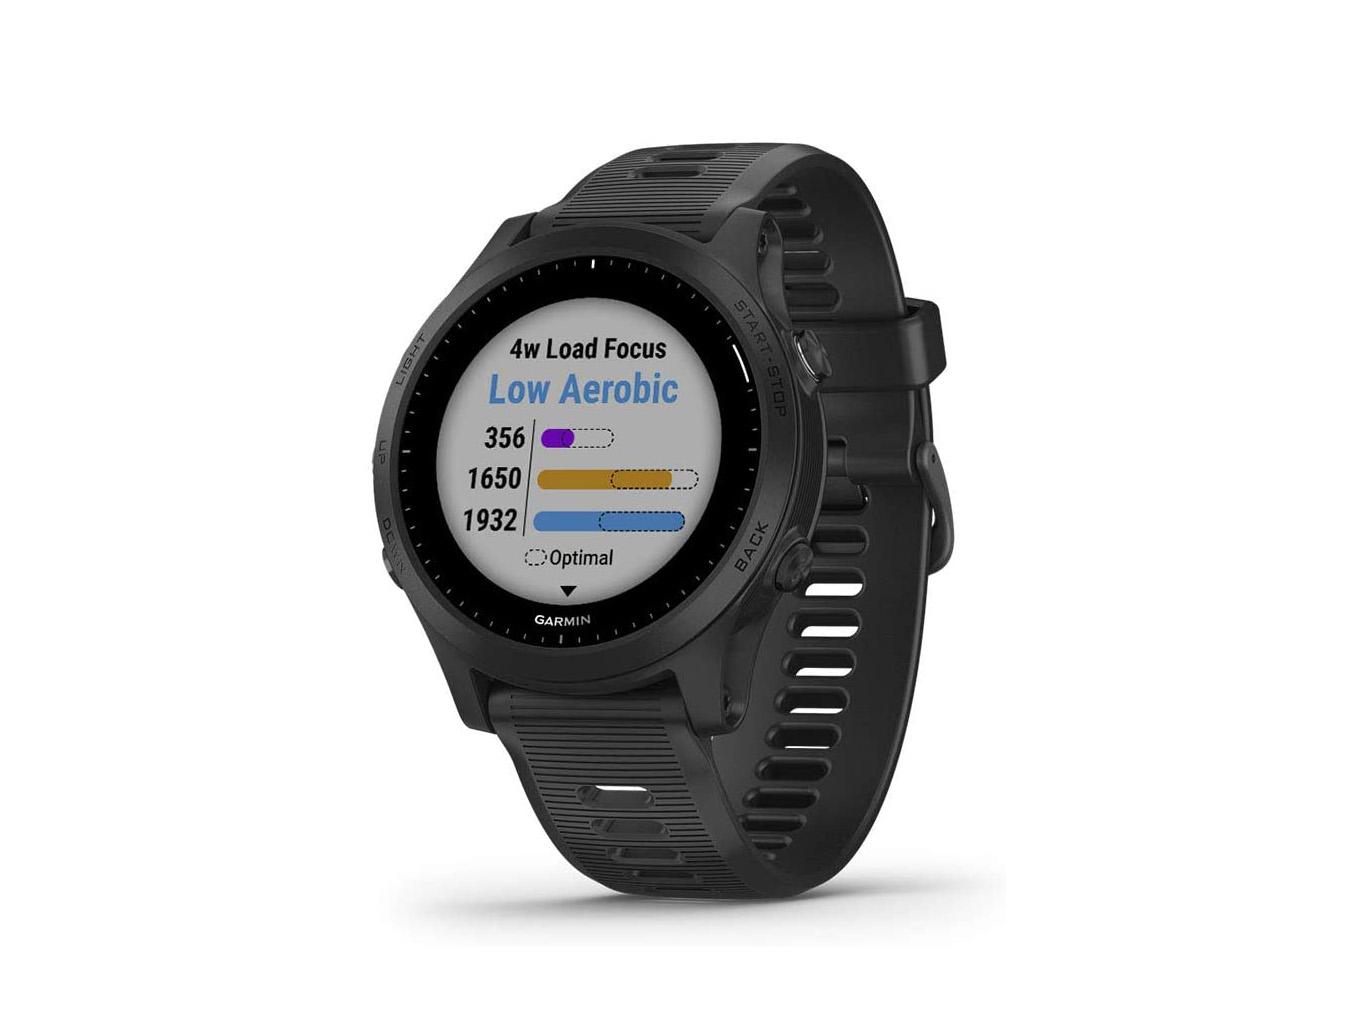 Best Running Accessories - Garmin 945 Watch